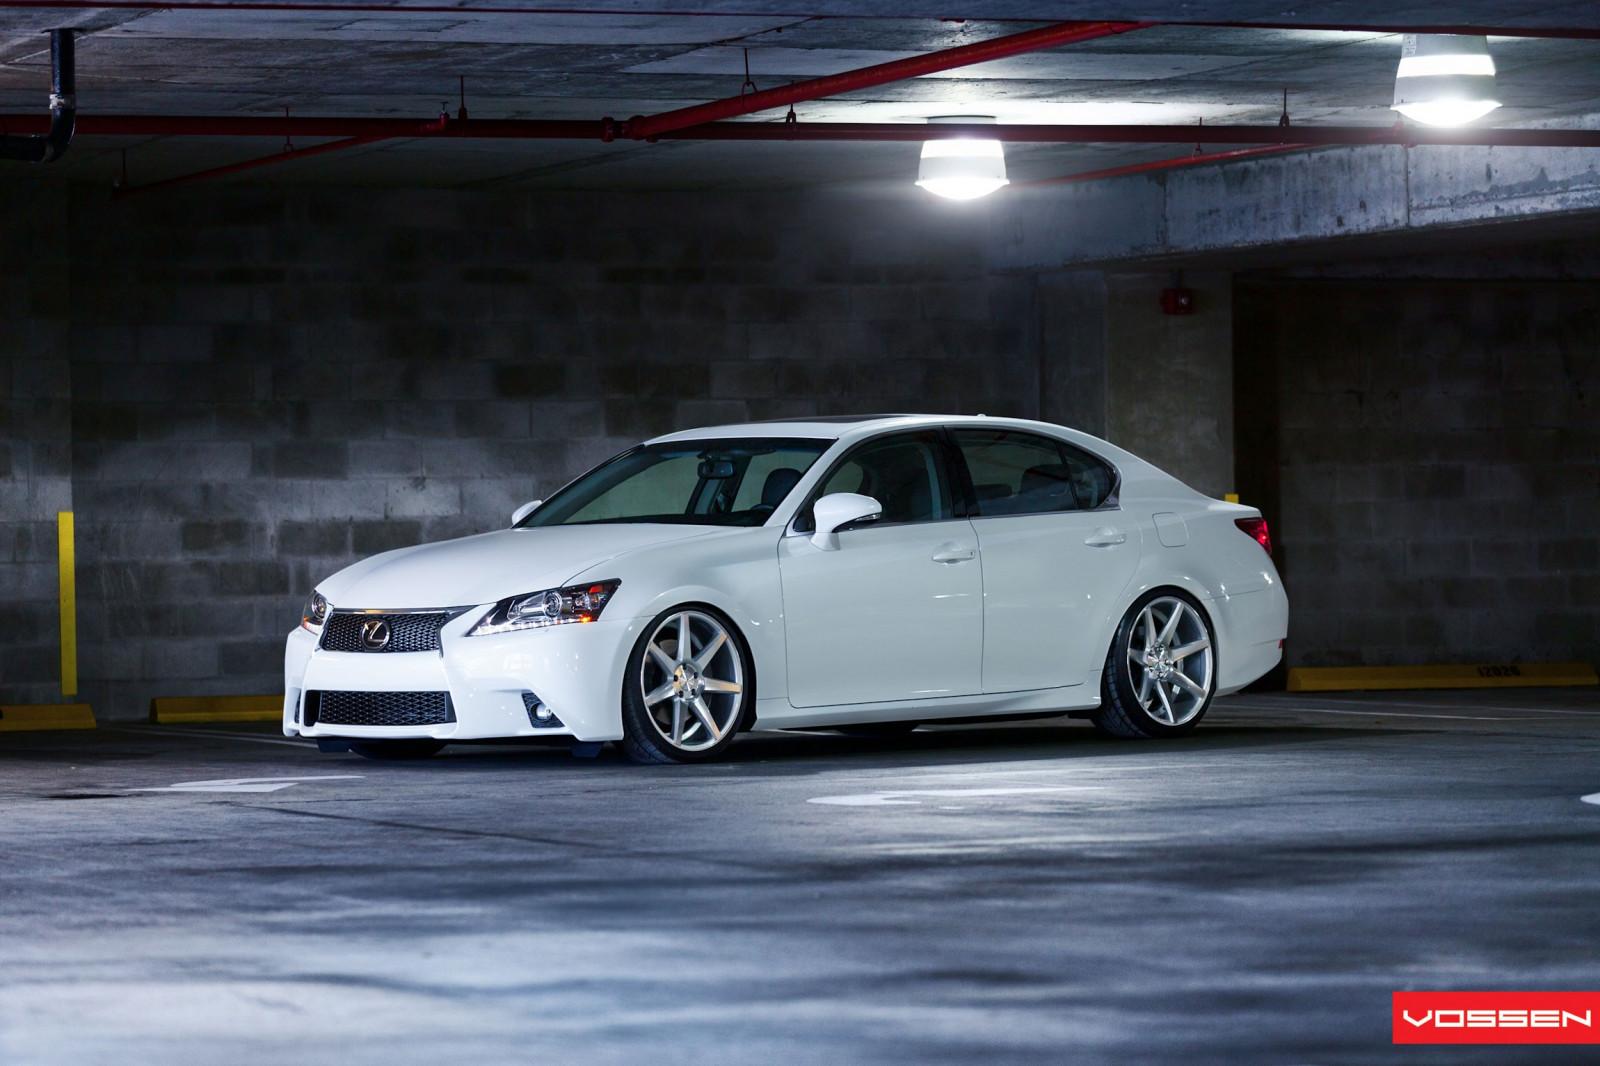 Wallpaper Pelek Mobil Sport: Wallpaper : Lexus, Mobil Sport, Mobil Putih, Sedan, Roda